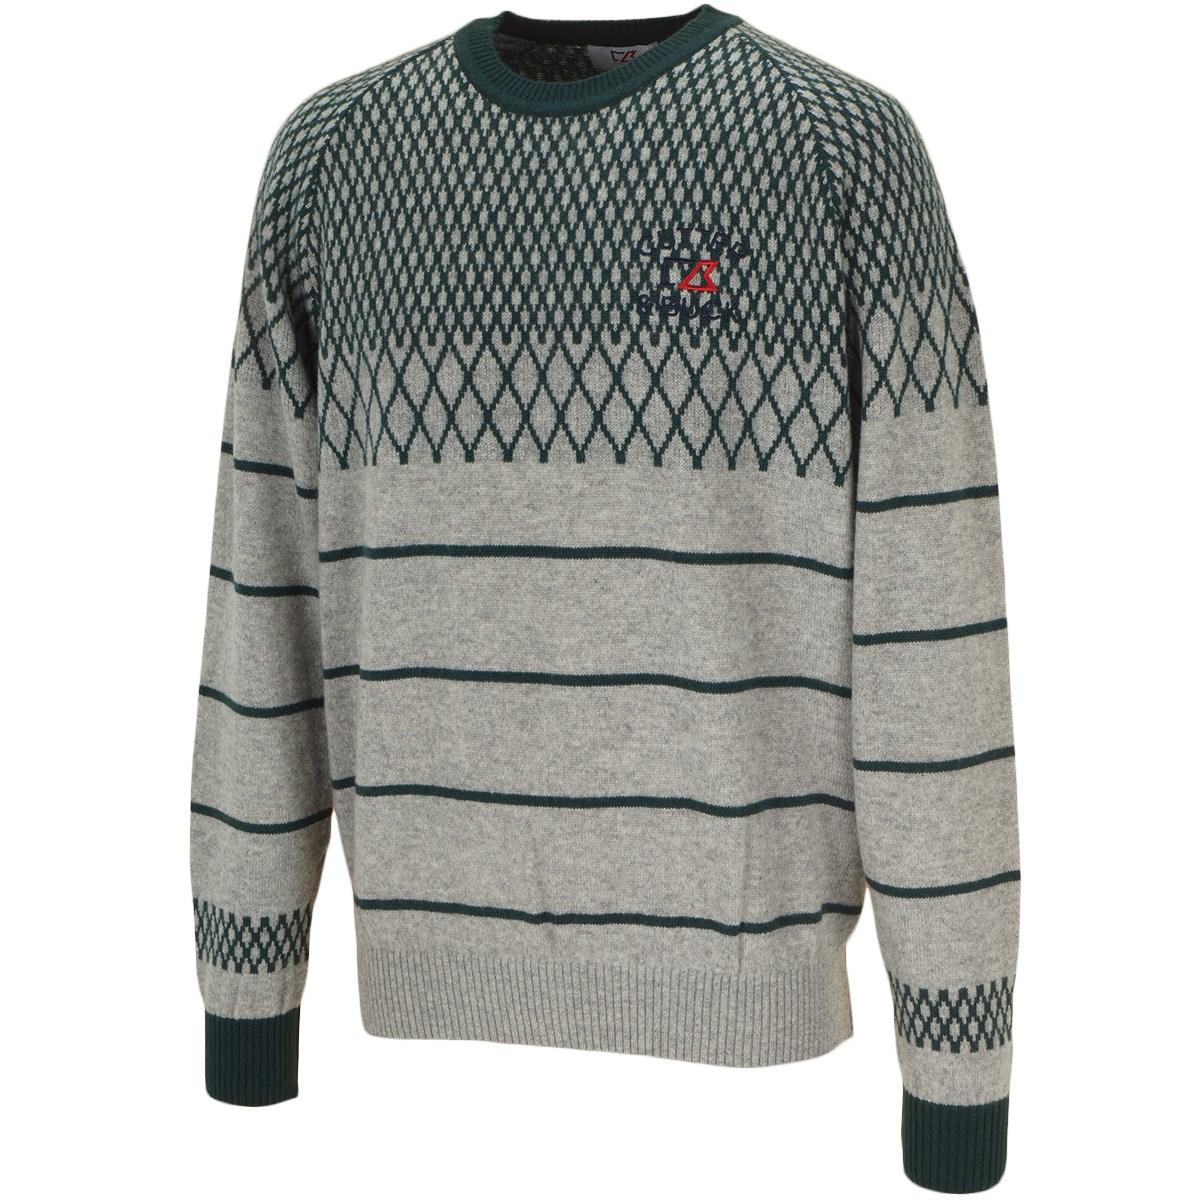 カッター&バック カシミヤセーター